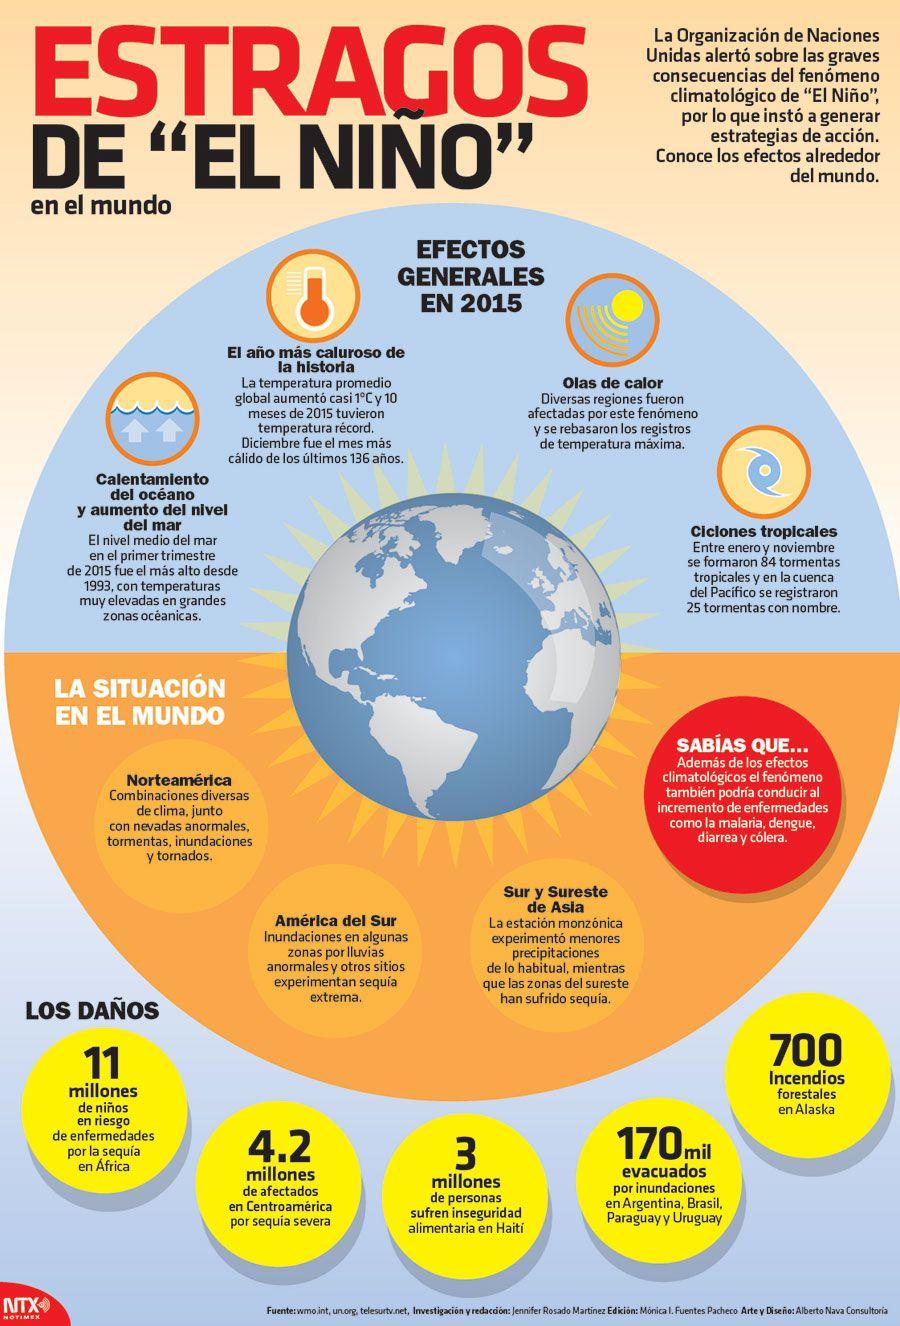 Conoce Los Efectos Que Dejo El Fenomeno Climatologico De El Nino Infographic Ensenanza De La Geografia Actividades De Geografia Ciencias De La Tierra